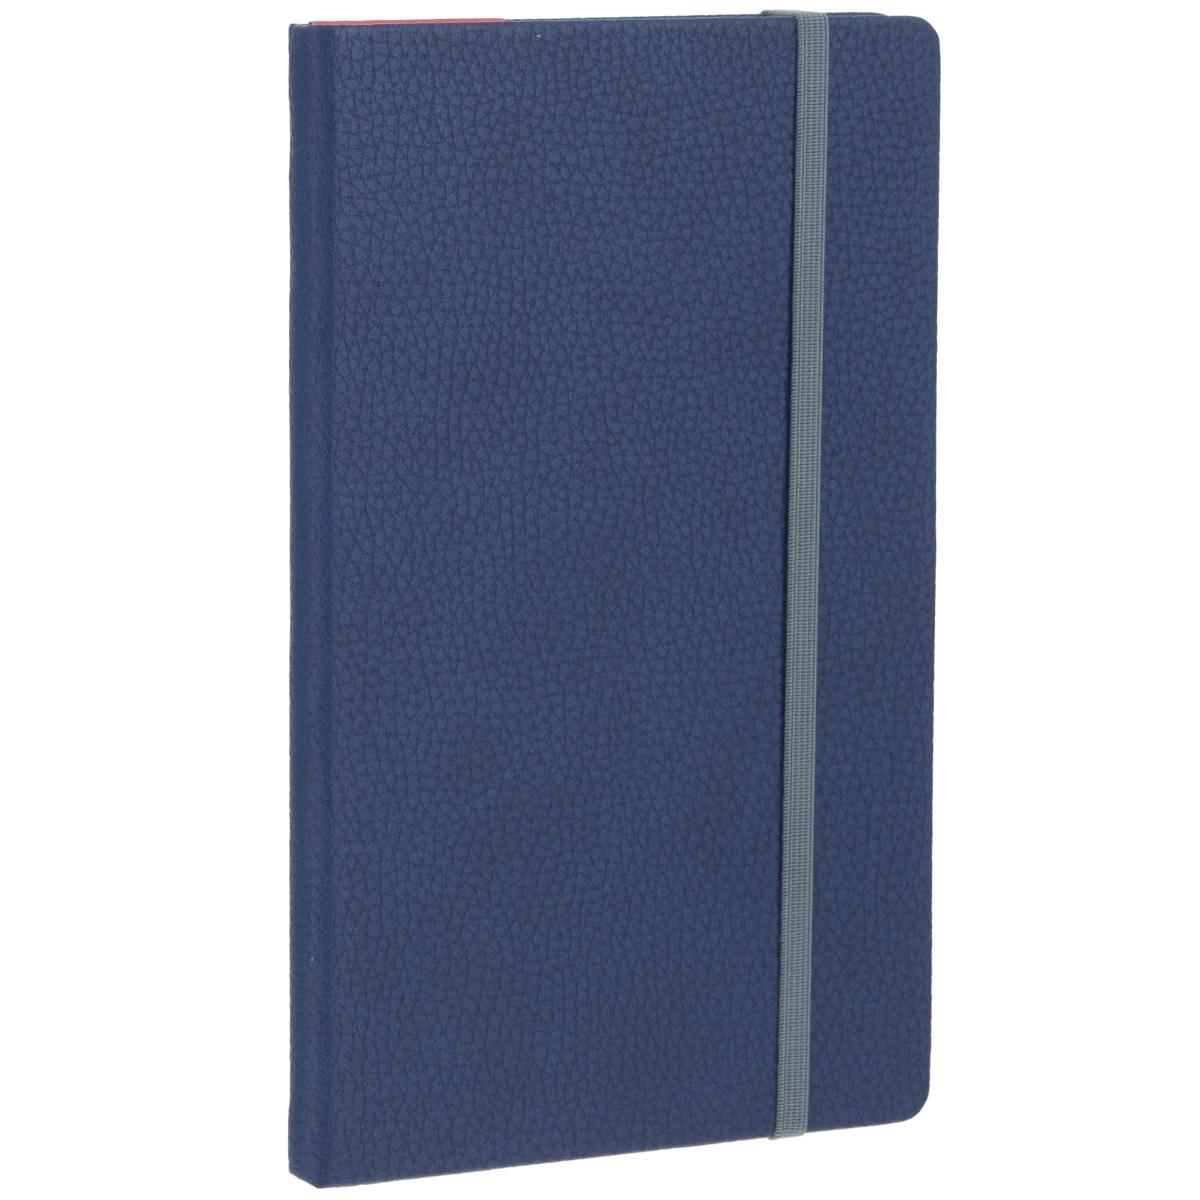 Записная книжка Erich Krause Armonia, цвет: темно-синий, 96 листов36760Записная книжка Erich Krause Armonia - это дополнительный штрих к вашему имиджу. Демократичная в своем содержании, книжка может быть использована не только для личных пометок и записей, но и как недатированный ежедневник. Надежная твердая обложка из плотного картона, обтянутого искусственной крупнофактурной кожей, сохранит ее в аккуратном состоянии на протяжении всего времени использования. Плотная в линейку бумага белого цвета, закладка-ляссе, практичные скругленные углы, эластичная петелька для ручки и внутренний бумажный карман на задней обложке - все это обеспечит вам истинное удовольствие от письма. В начале книжки имеется страничка для заполнения личных данных владельца, четыре страницы для заполнения адресов, телефонов и интернет-почты и четыре страницы для заполнения сайтов и ссылок. Благодаря небольшому формату книжку легко взять с собой. Записная книжка плотно закрывается при помощи фиксирующей резинки.